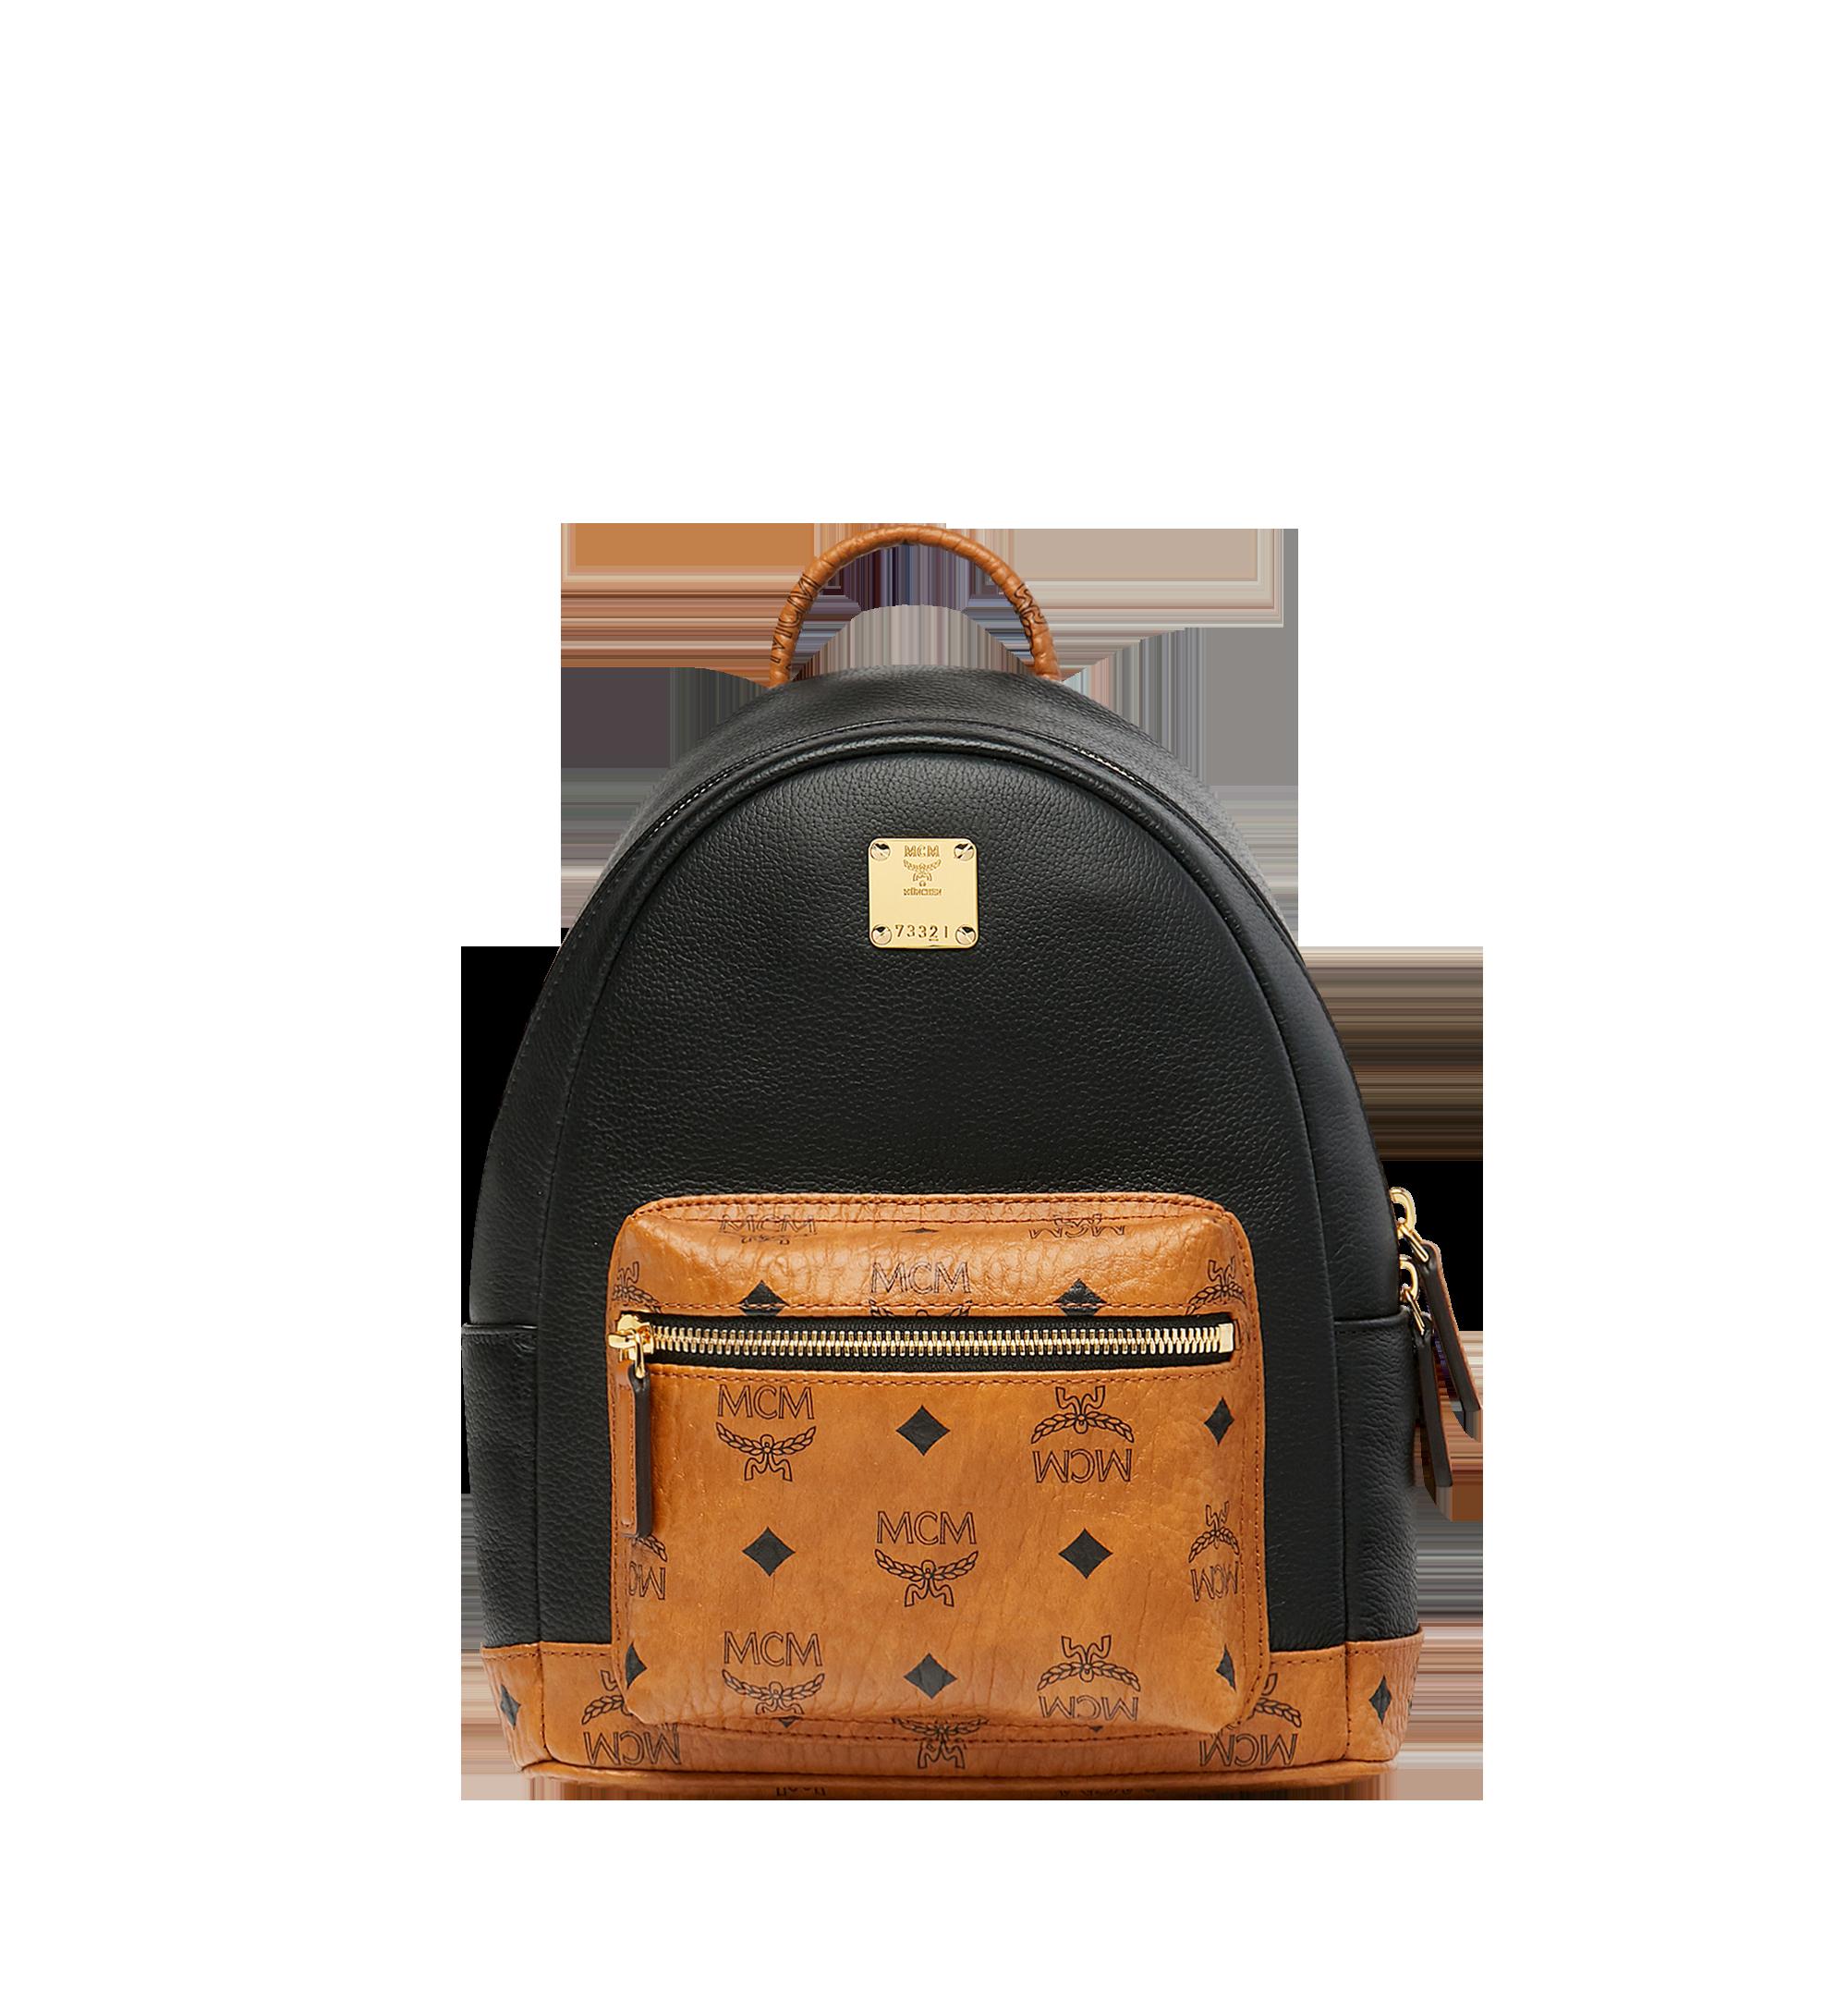 a0cdb589bdf2 27 cm / 10.5 in Geonautic Backpack in Visetos Black   MCM